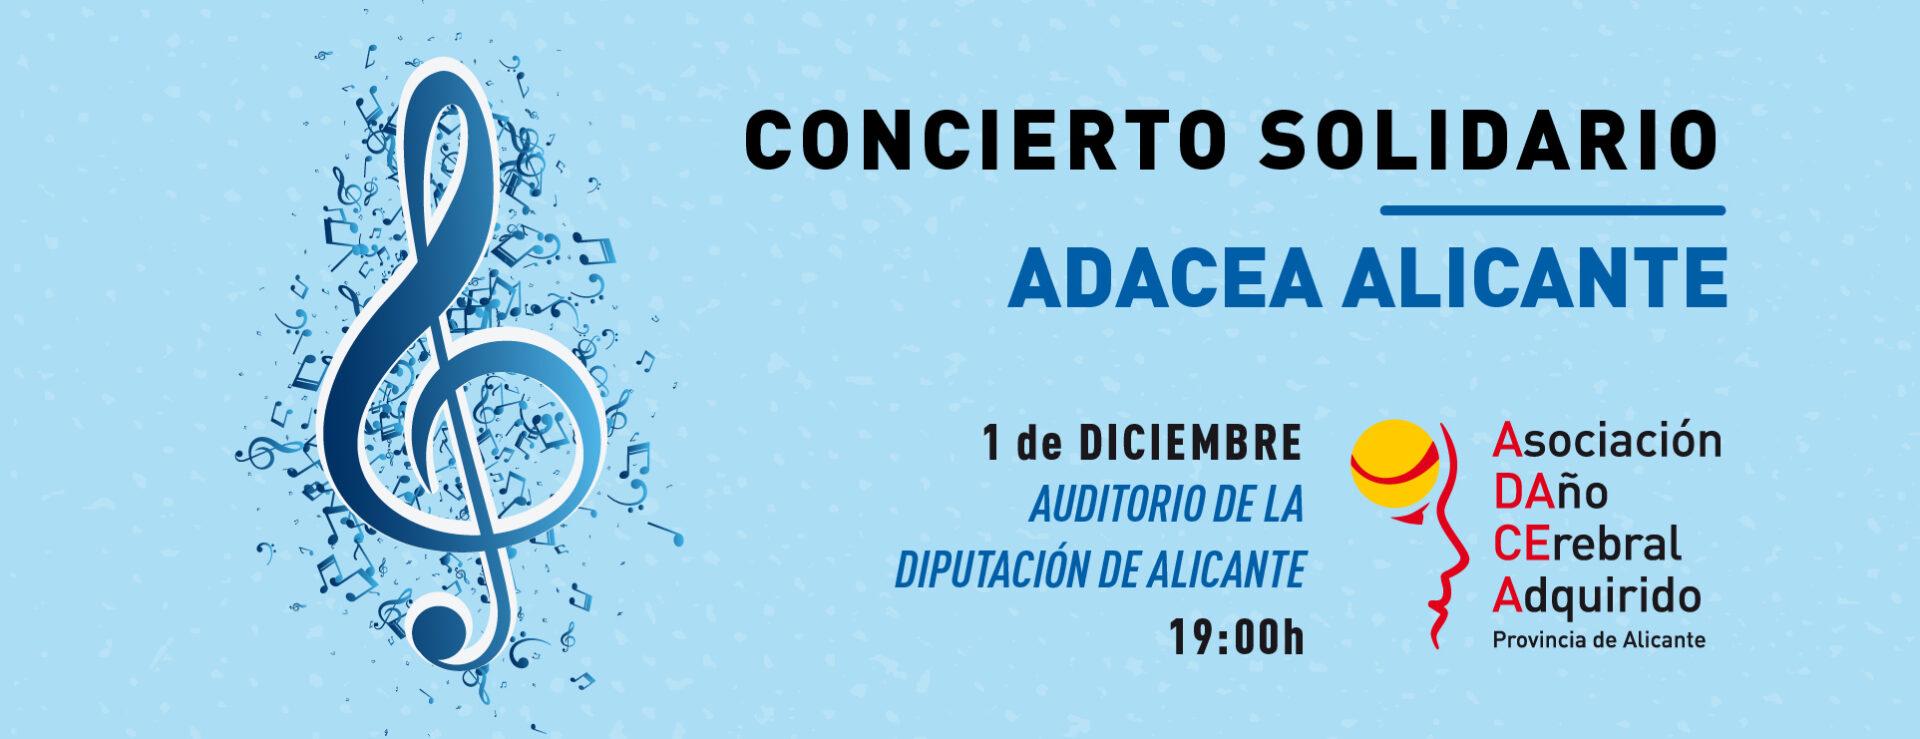 Concierto solidario de ADACEA Alicante, 1 de diciembre